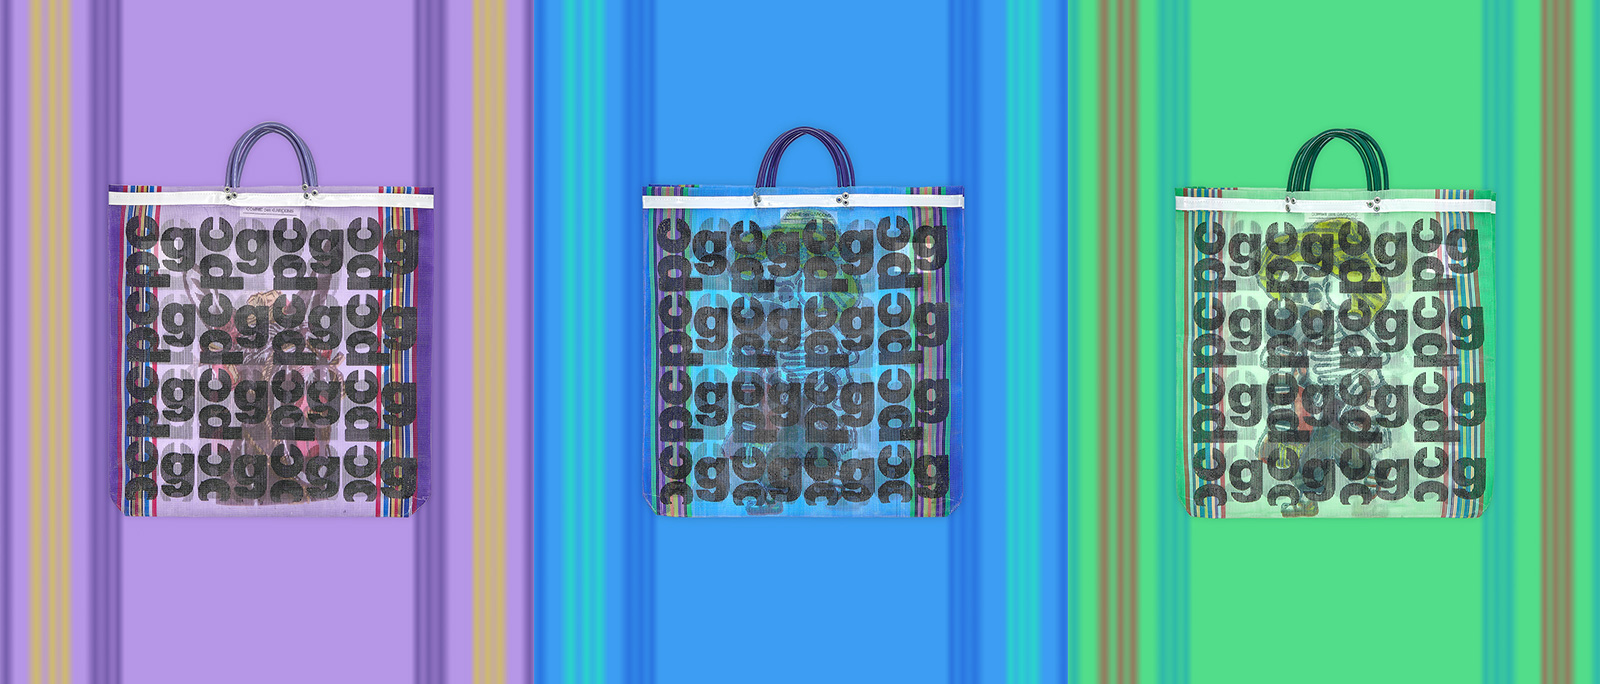 CDG Monogram Bags